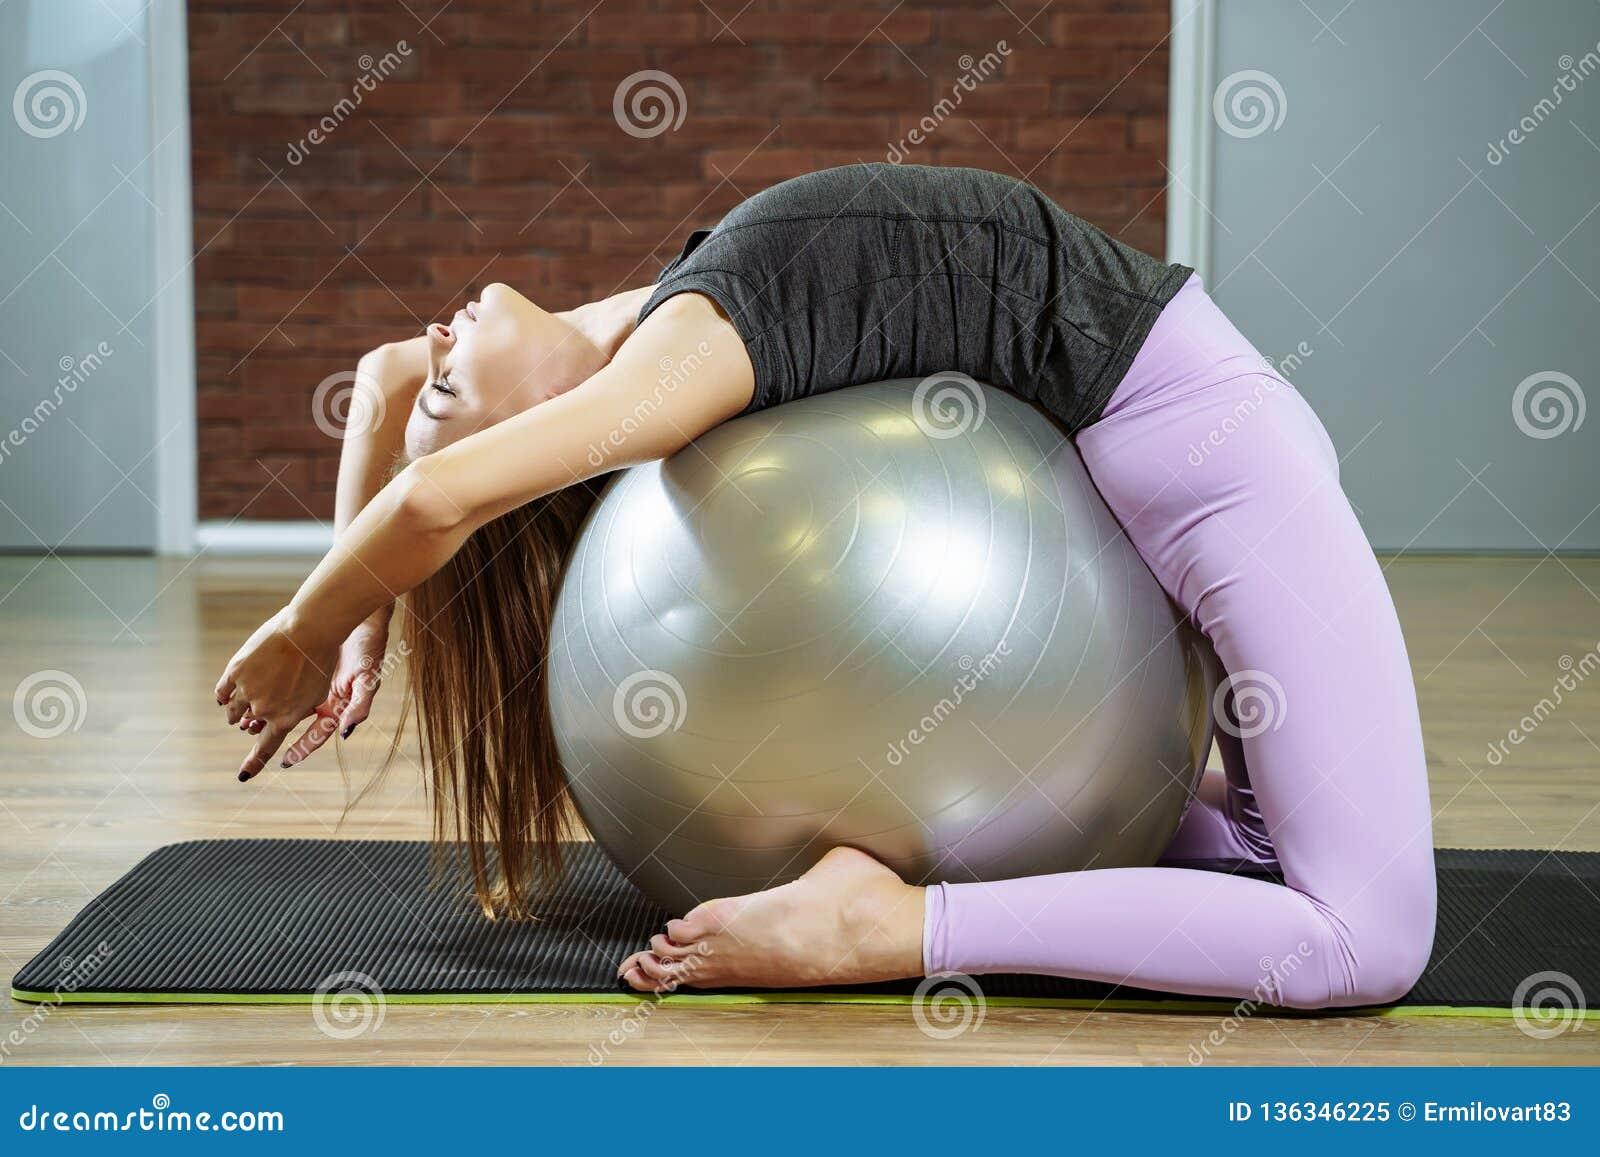 Sprawność fizyczna, sport, styl życia - młoda kobieta robi ćwiczeniom z dysponowaną piłką w pilates klasie